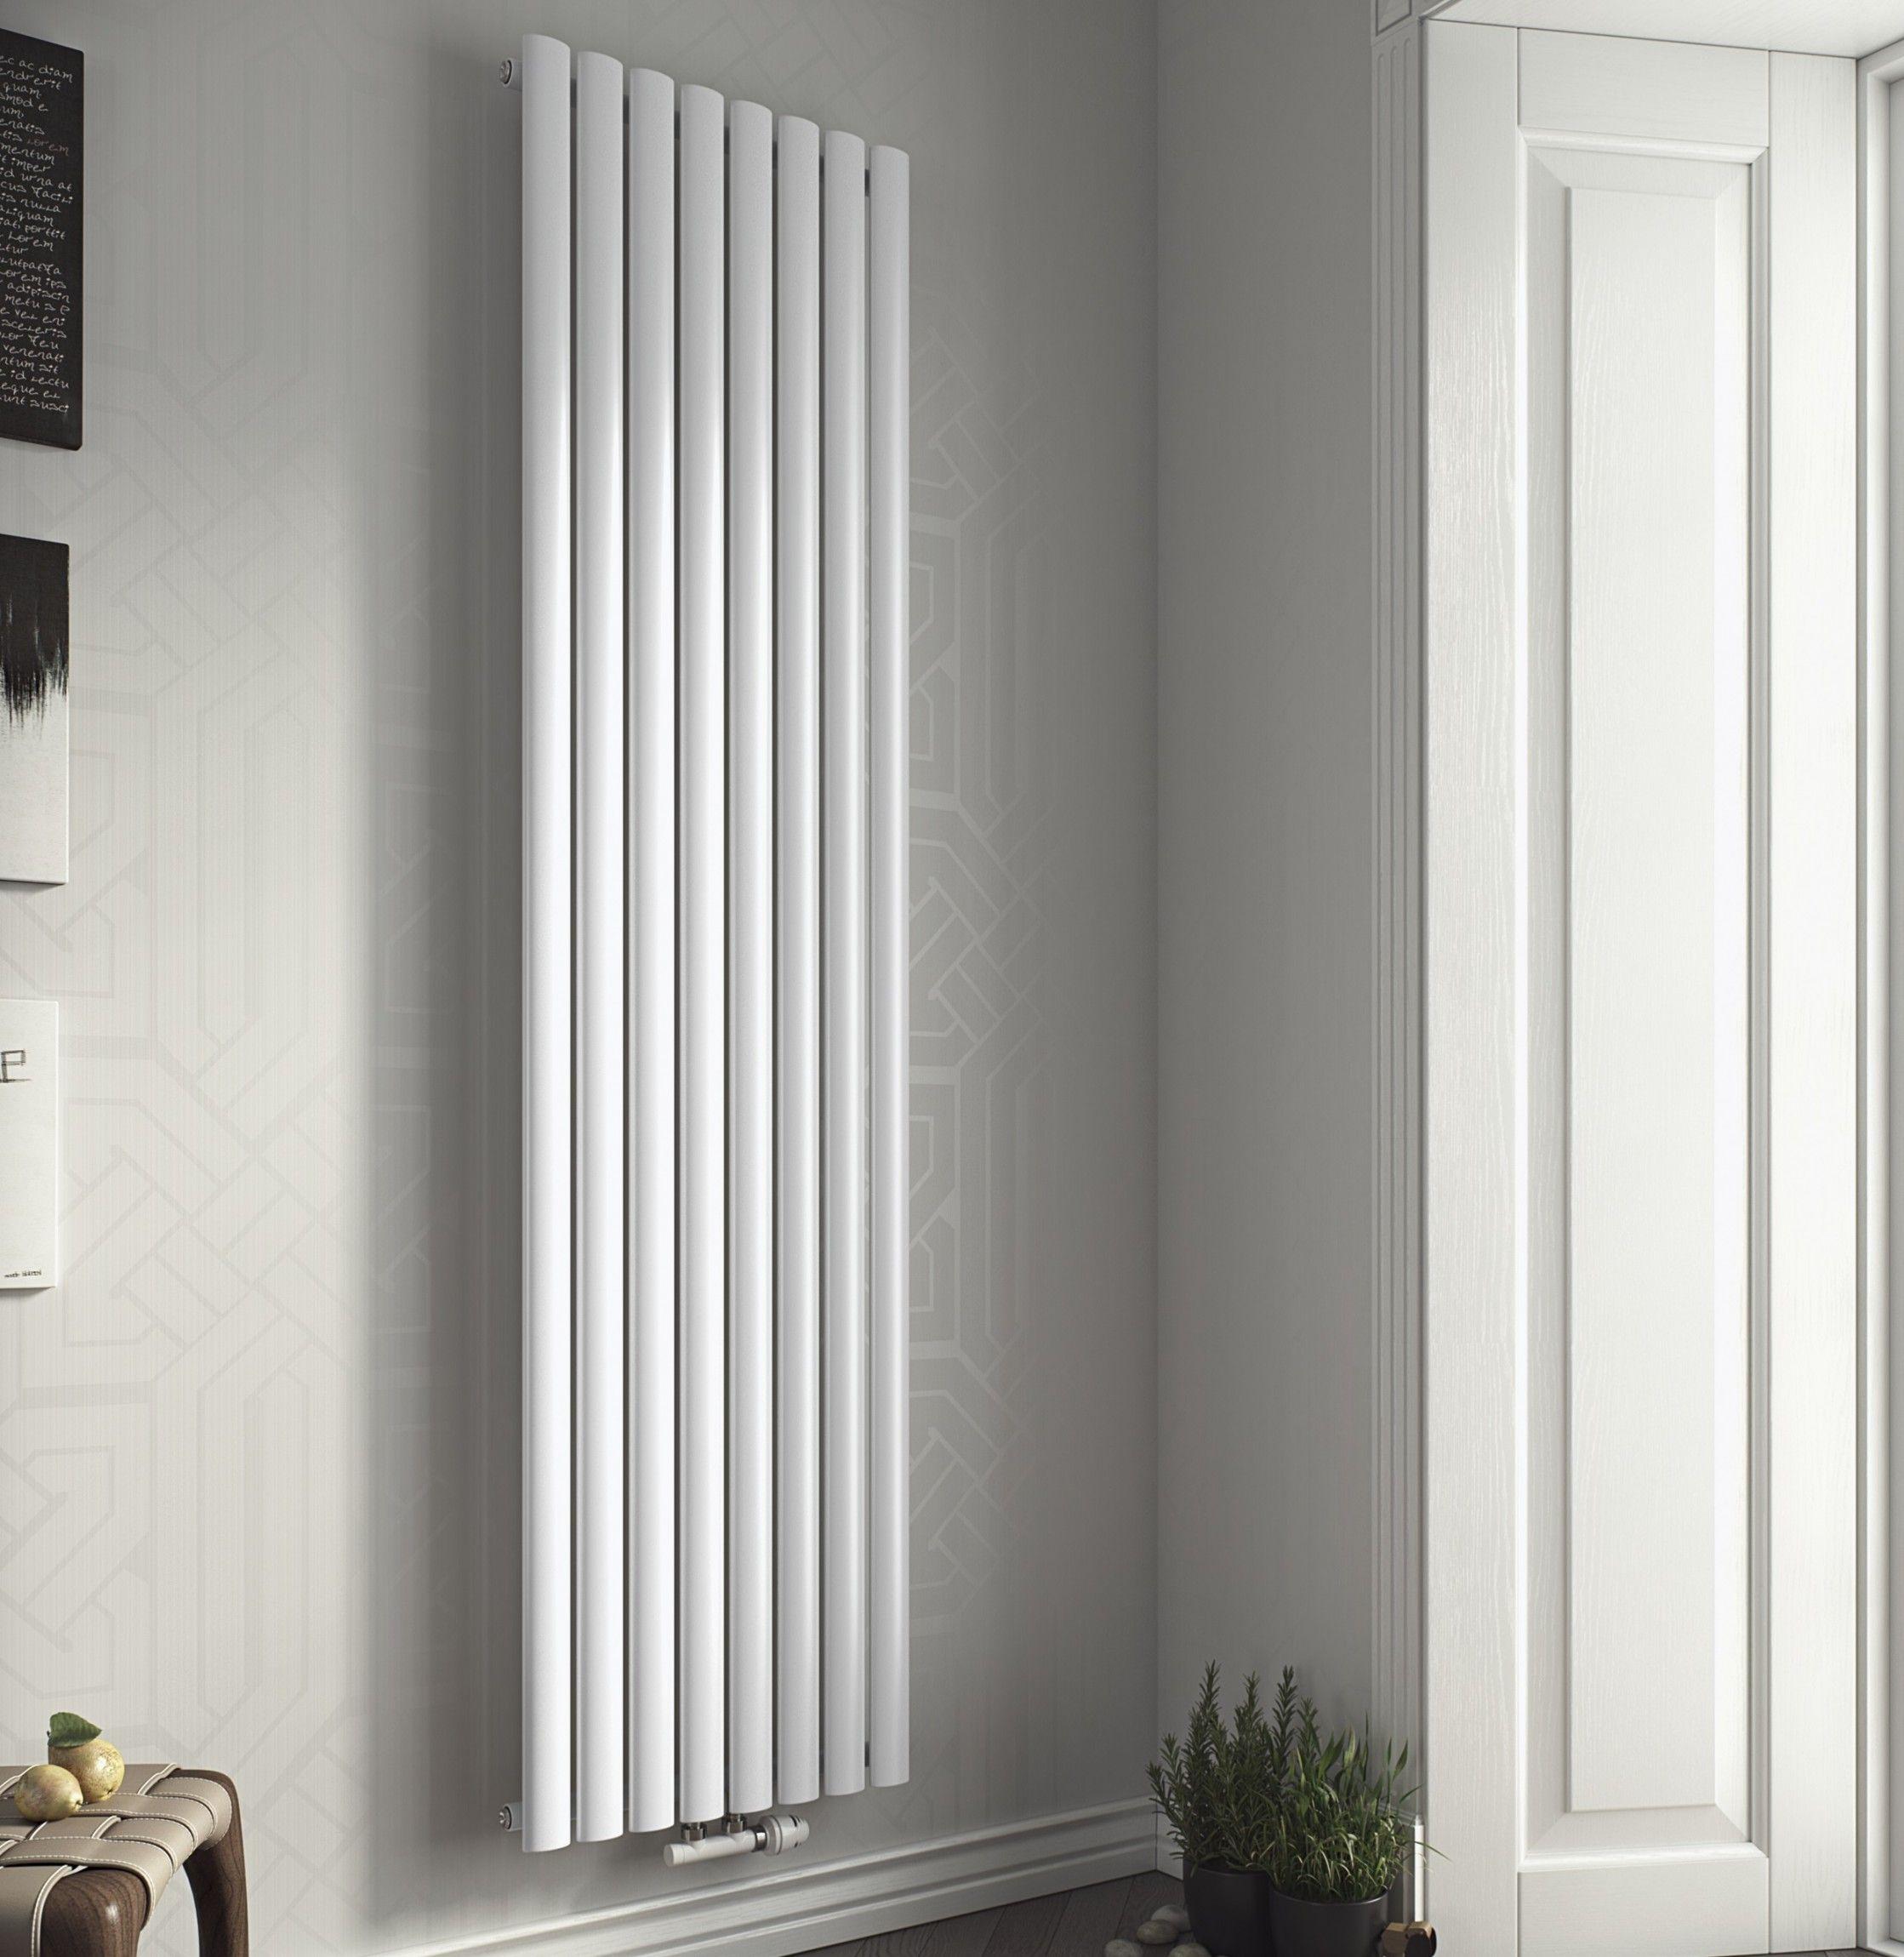 Heizkörper Farbe röhrenheizkörper 160 x ab 25 cm ab 412 watt watte farbe weiß und